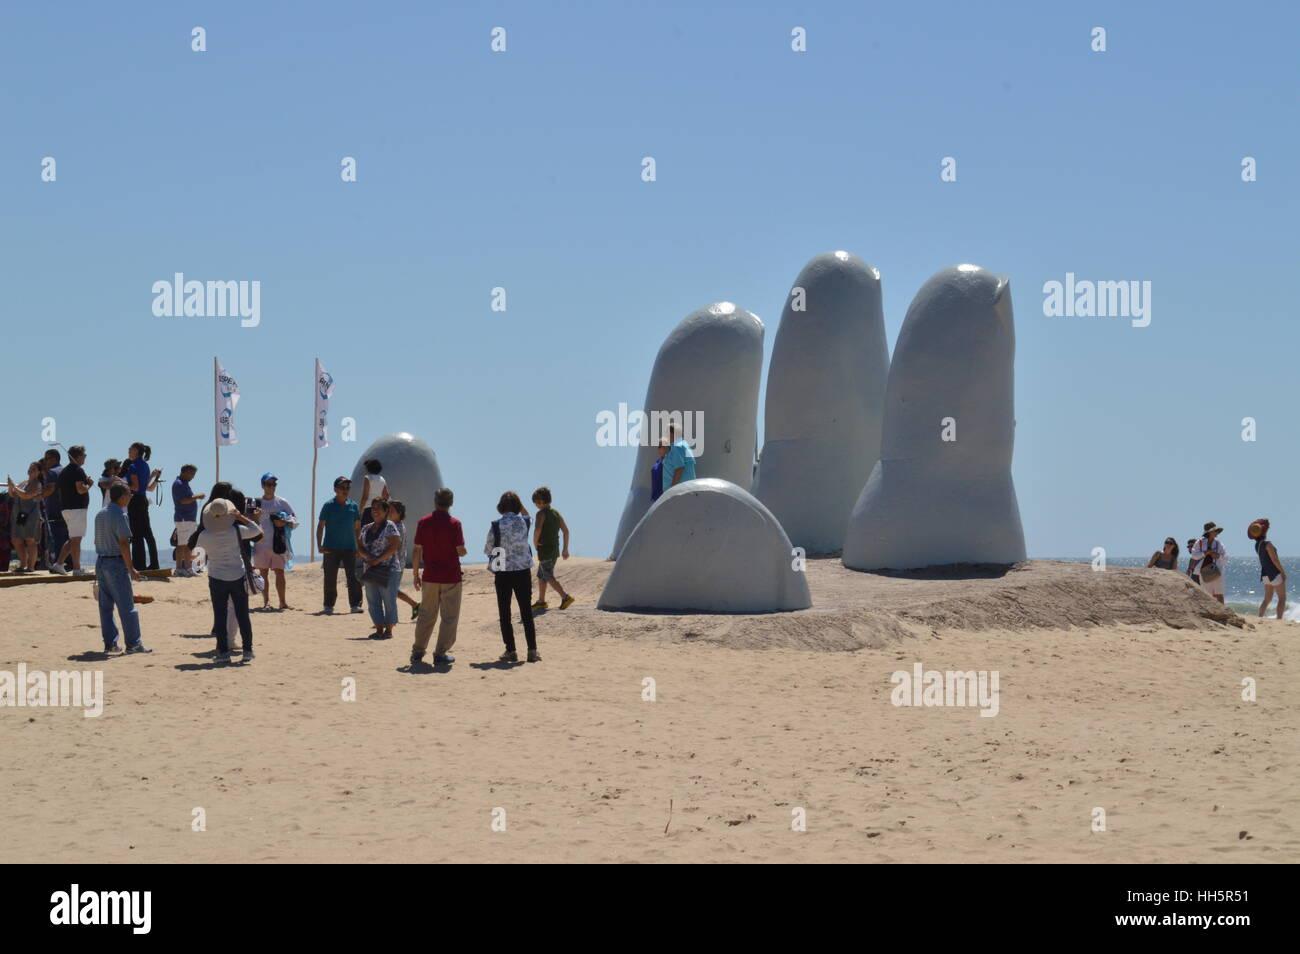 The Hand sculpture of Punta del Este, or Mano de Punta del Este at Parada 4 on the sands of  Brava beach, by Mario - Stock Image